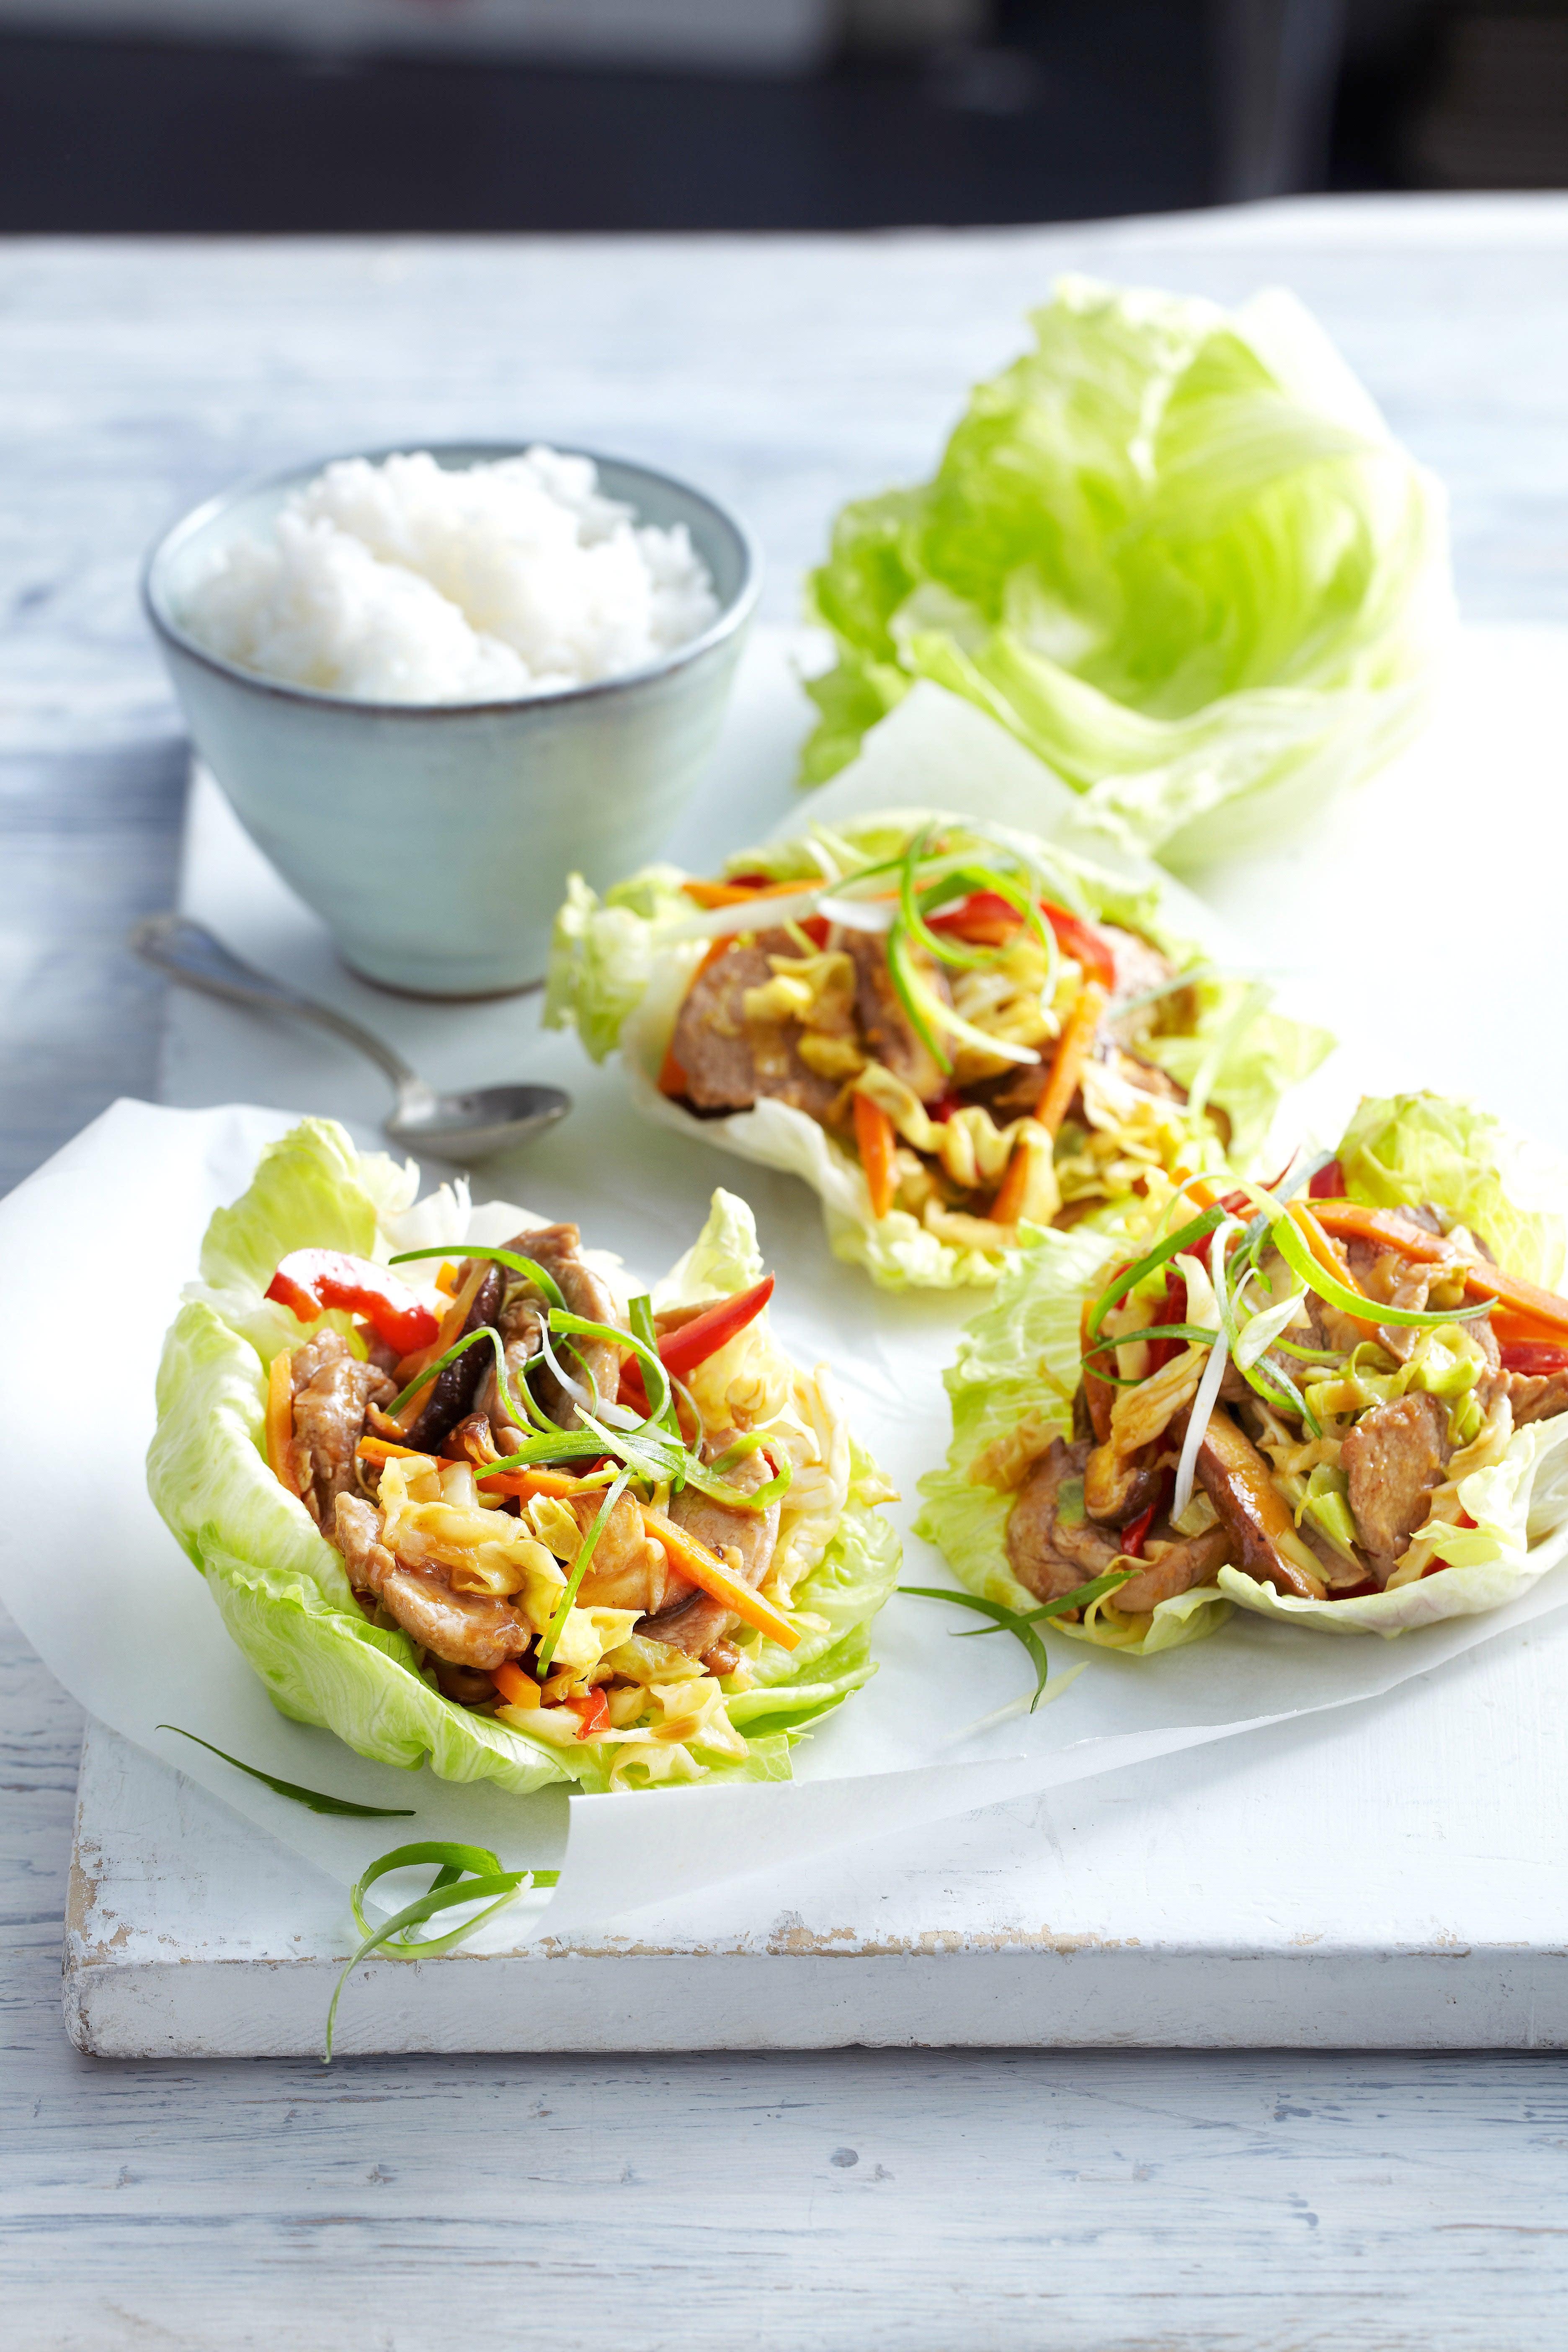 Photo of Moo shu pork in lettuce leaves by WW